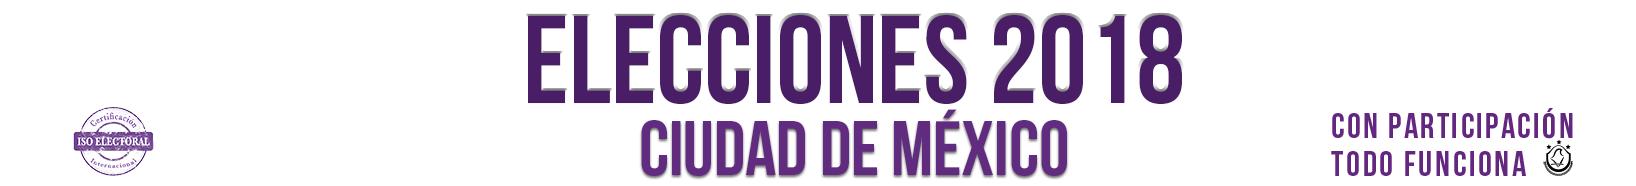 Ciudadanos Uni2 | Elecciones 2018 | Instituto Electoral de la Ciudad de México